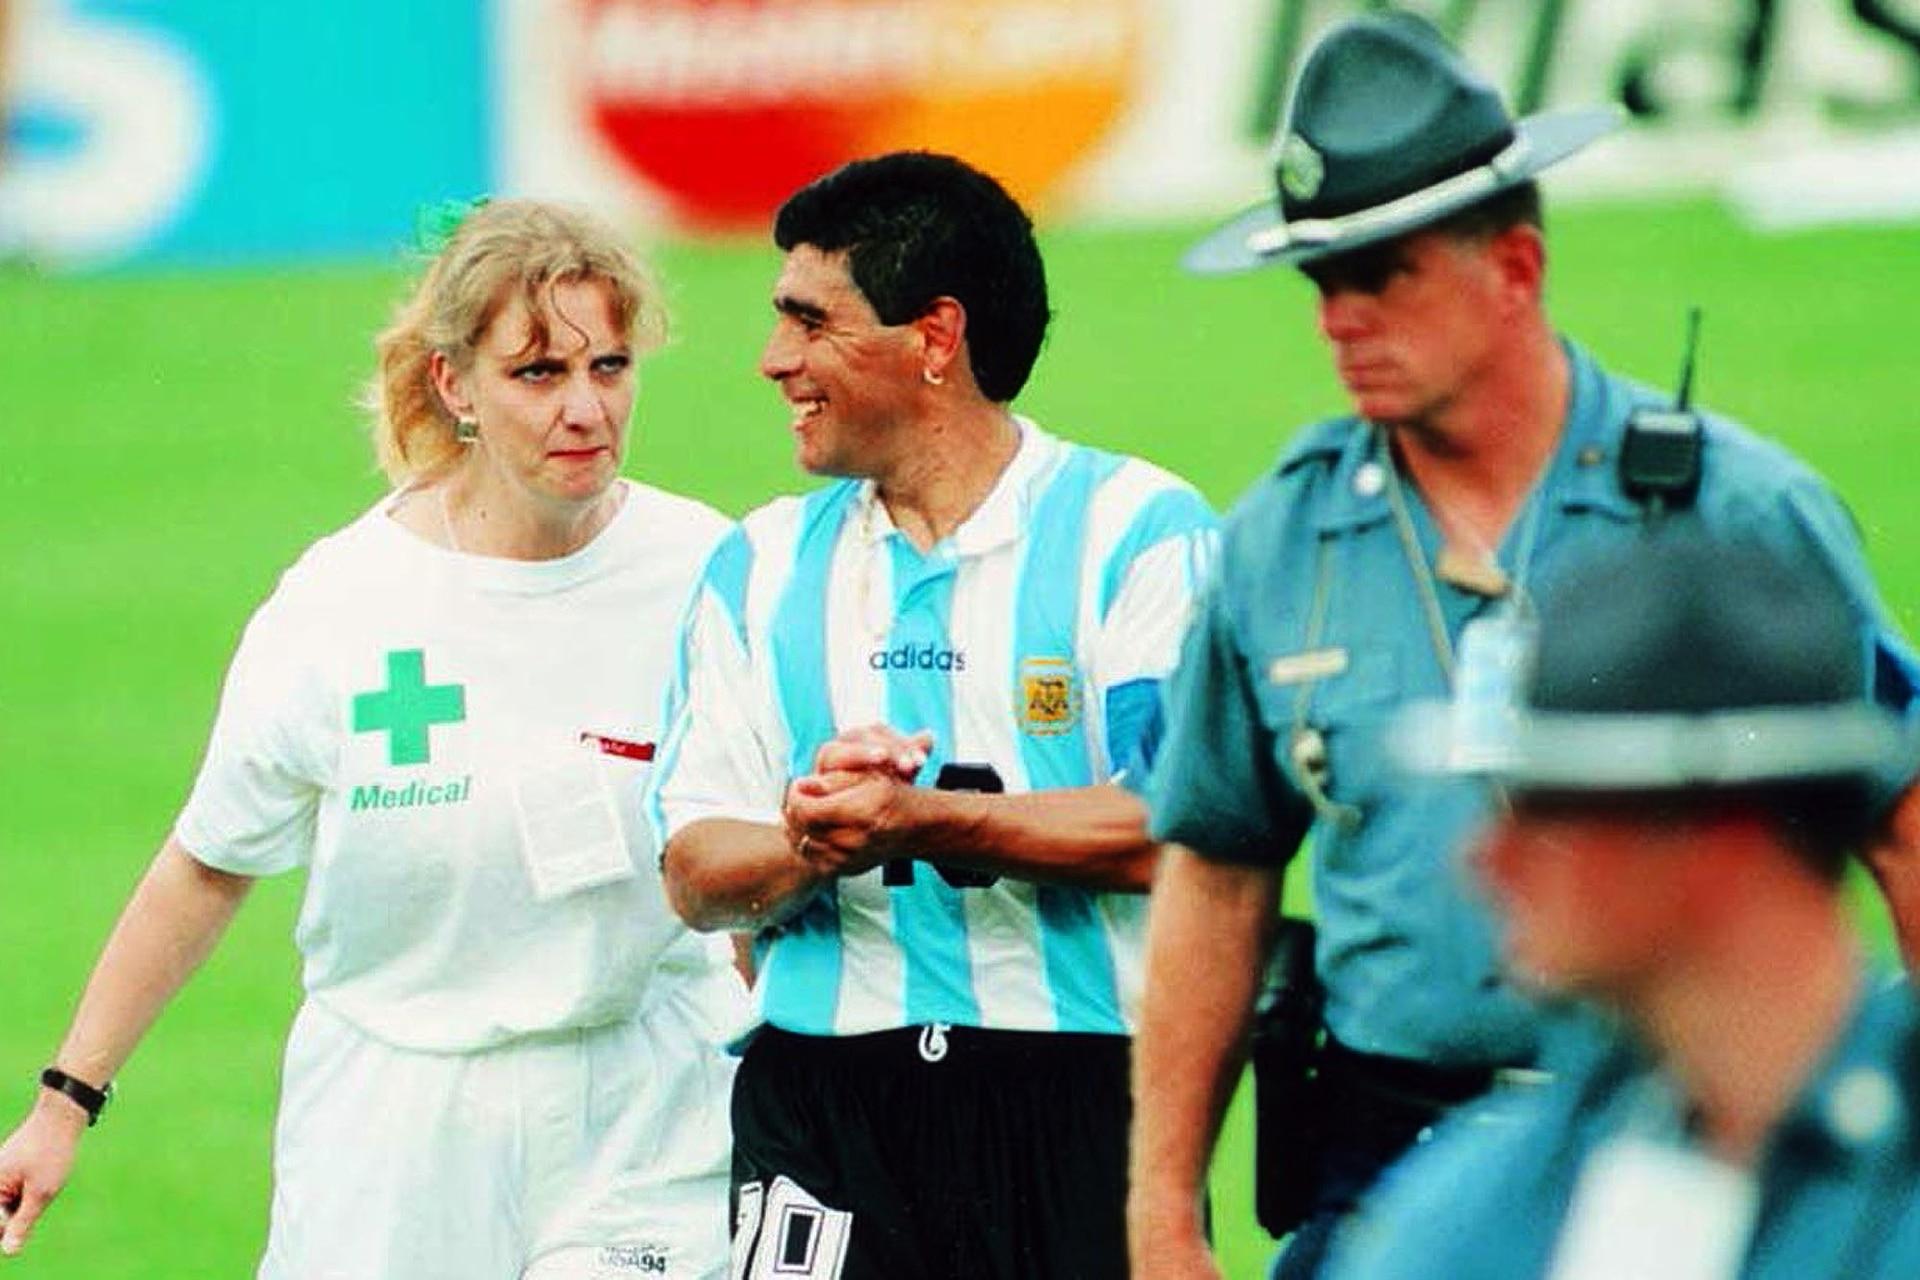 Estados Unidos . Uno de los sinsabores, camino al control antidoping en la Copa del Mundo de 1994